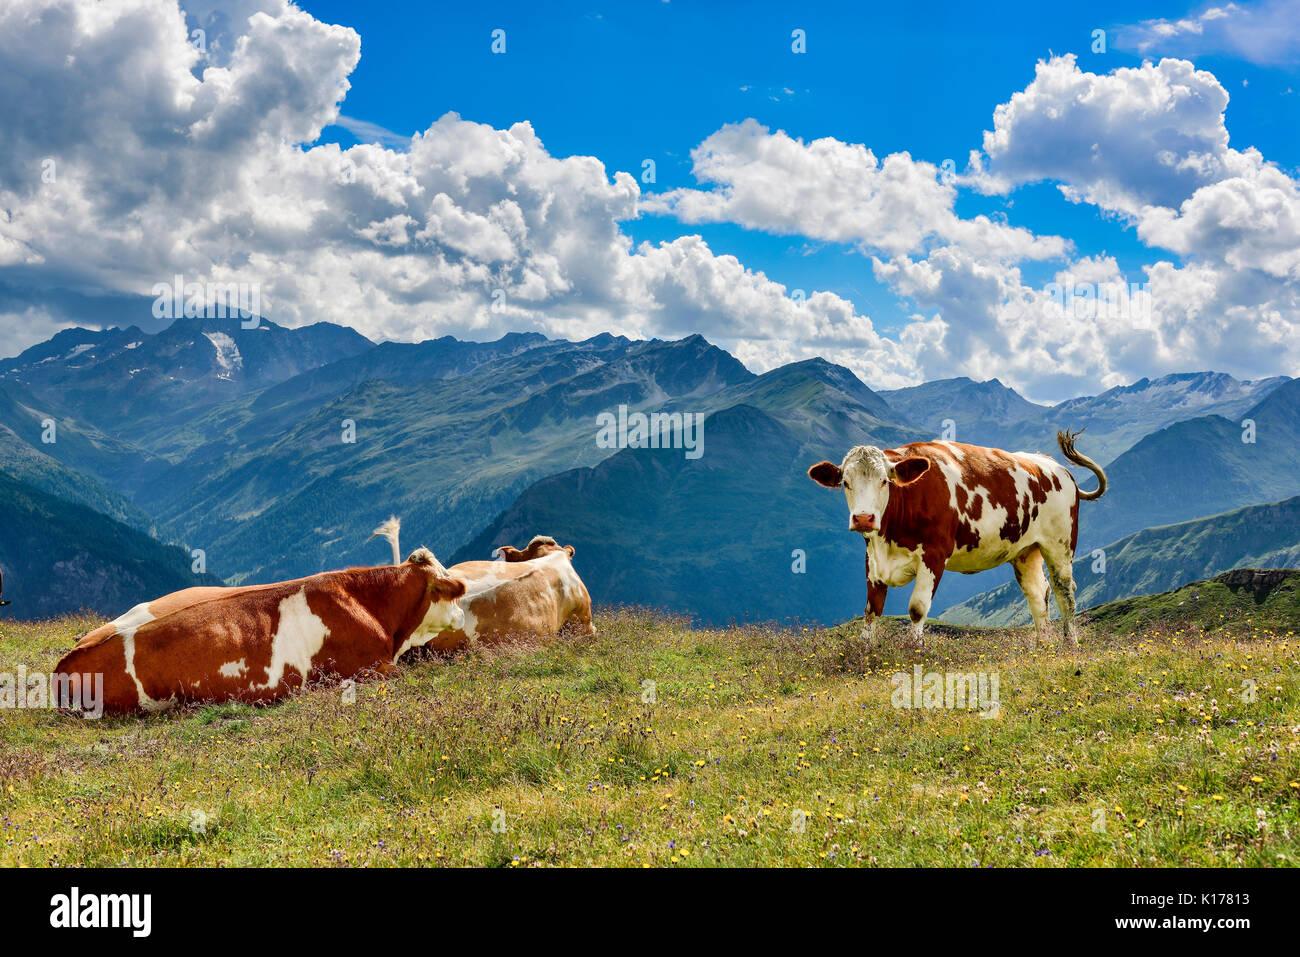 Alp vacche su pascolo Immagini Stock